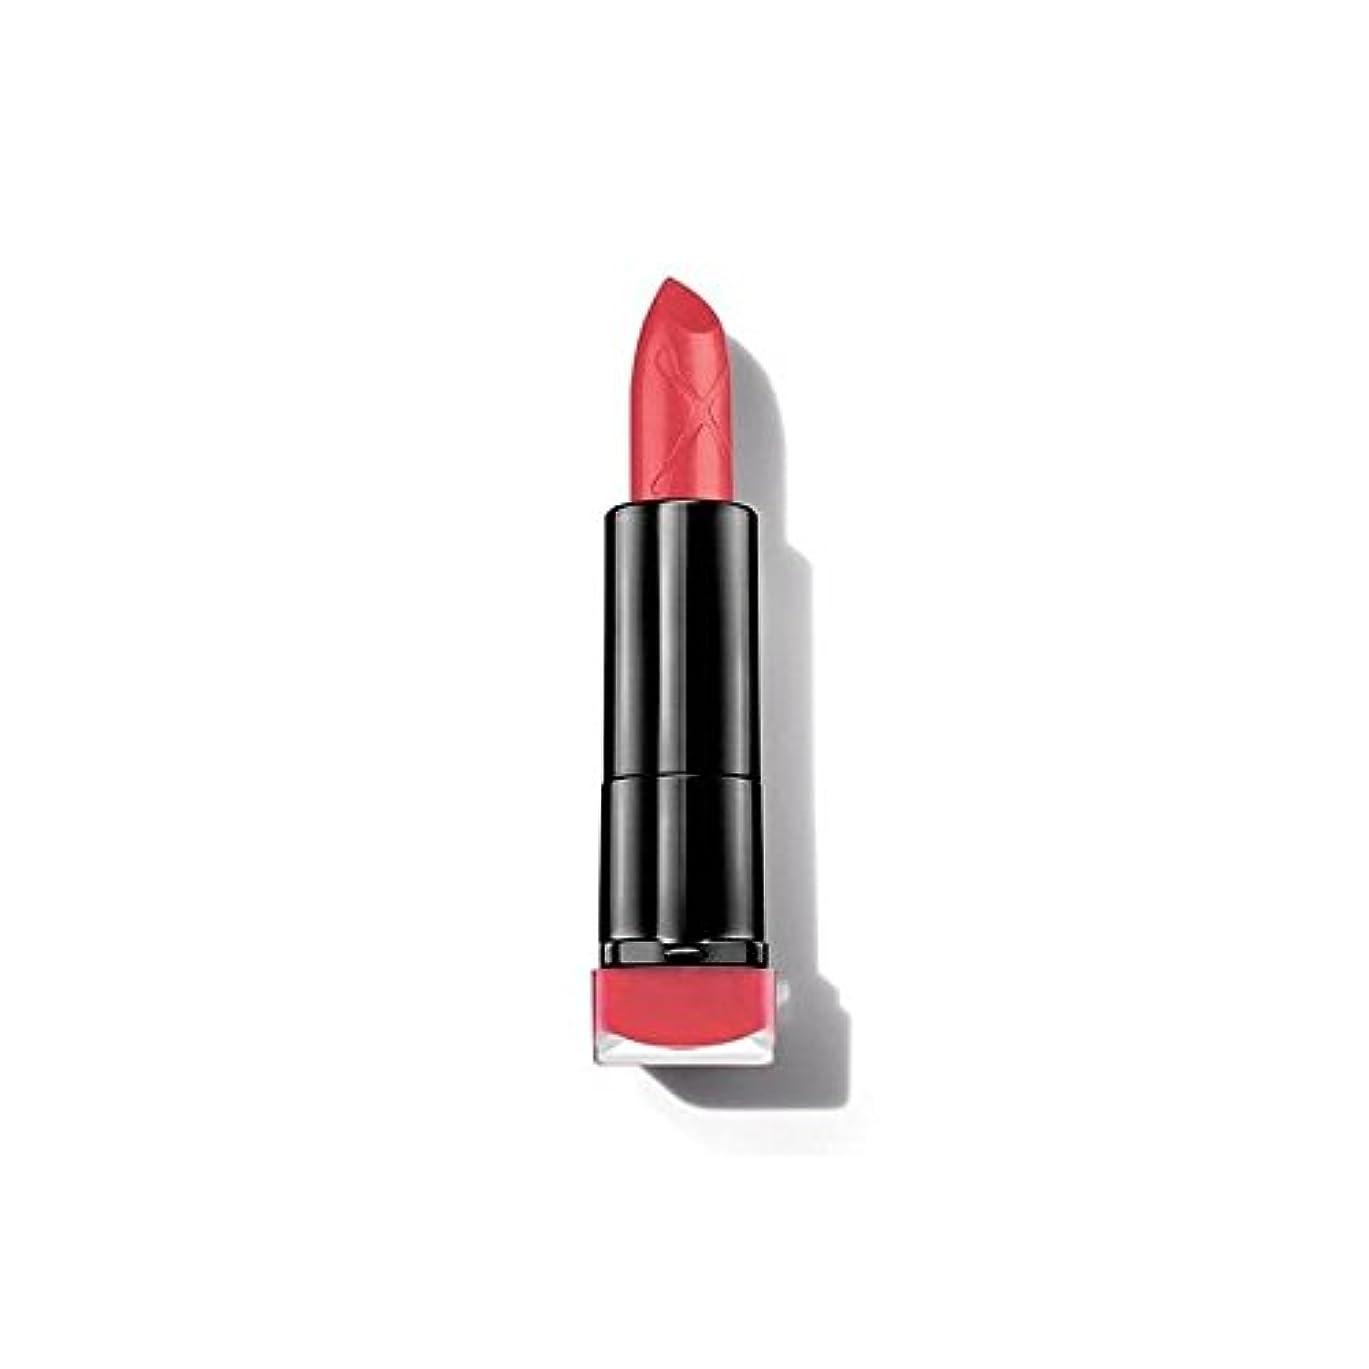 シーケンス東死にかけているMax Factor Colour Elixir Matte Bullet Lipstick Flame 15 - マックスファクターカラーエリキシルマット弾丸口紅火炎15 [並行輸入品]